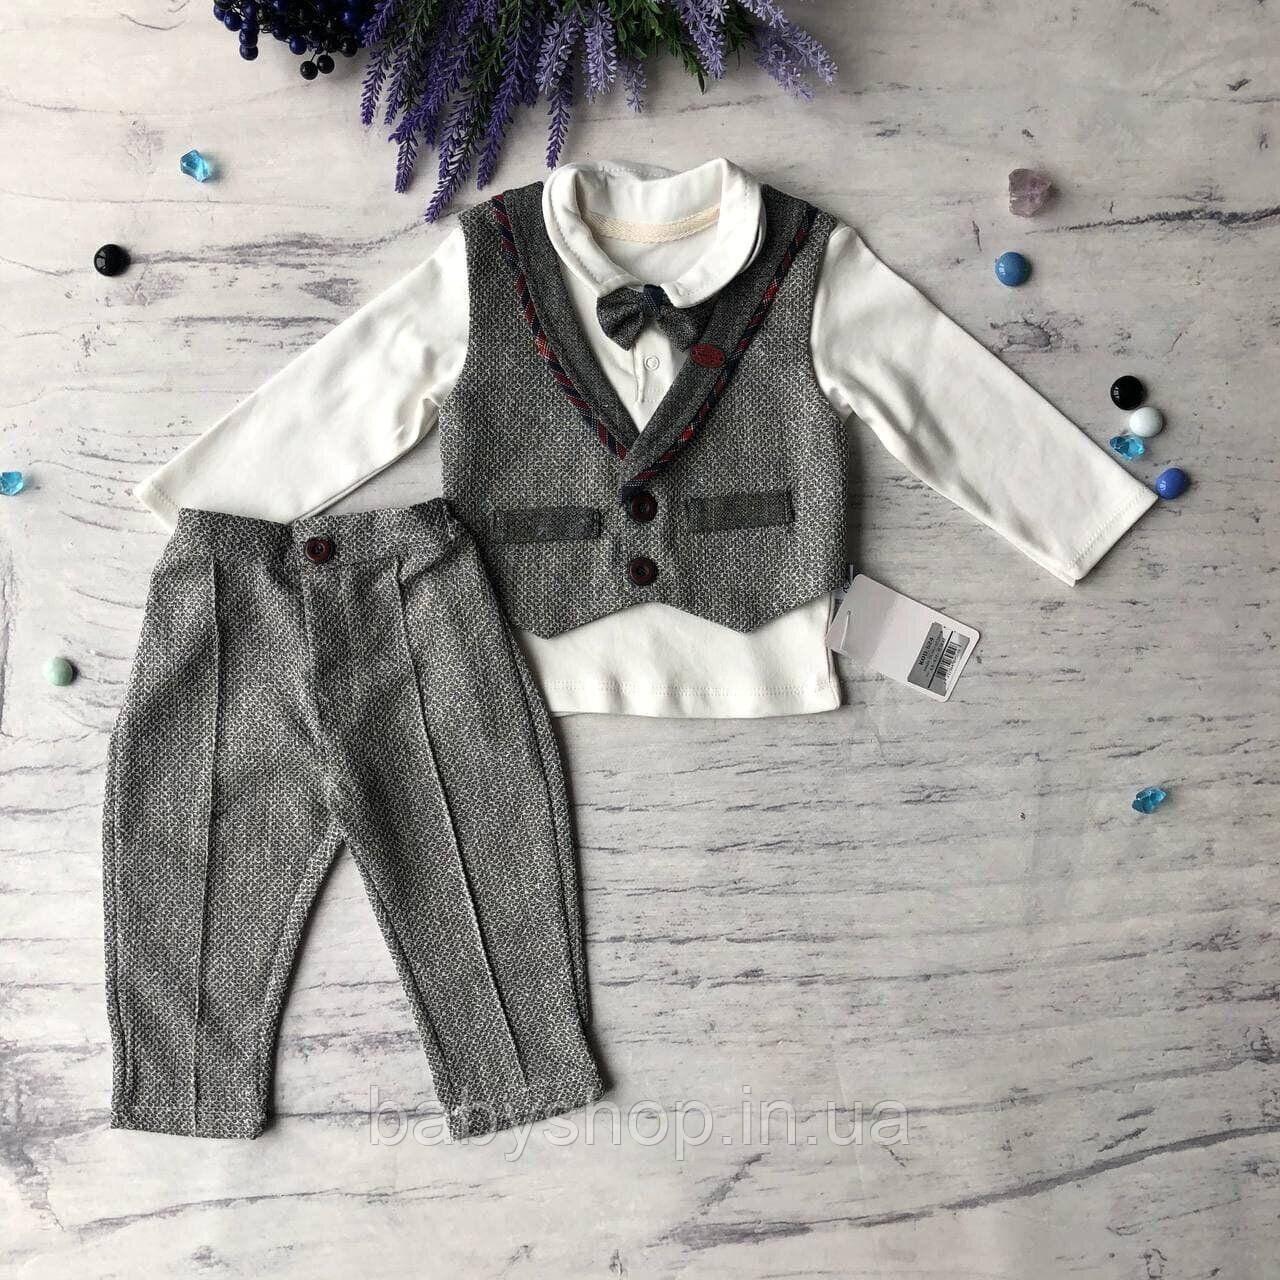 Детский нарядный костюм на мальчика 708. Размер  80 с